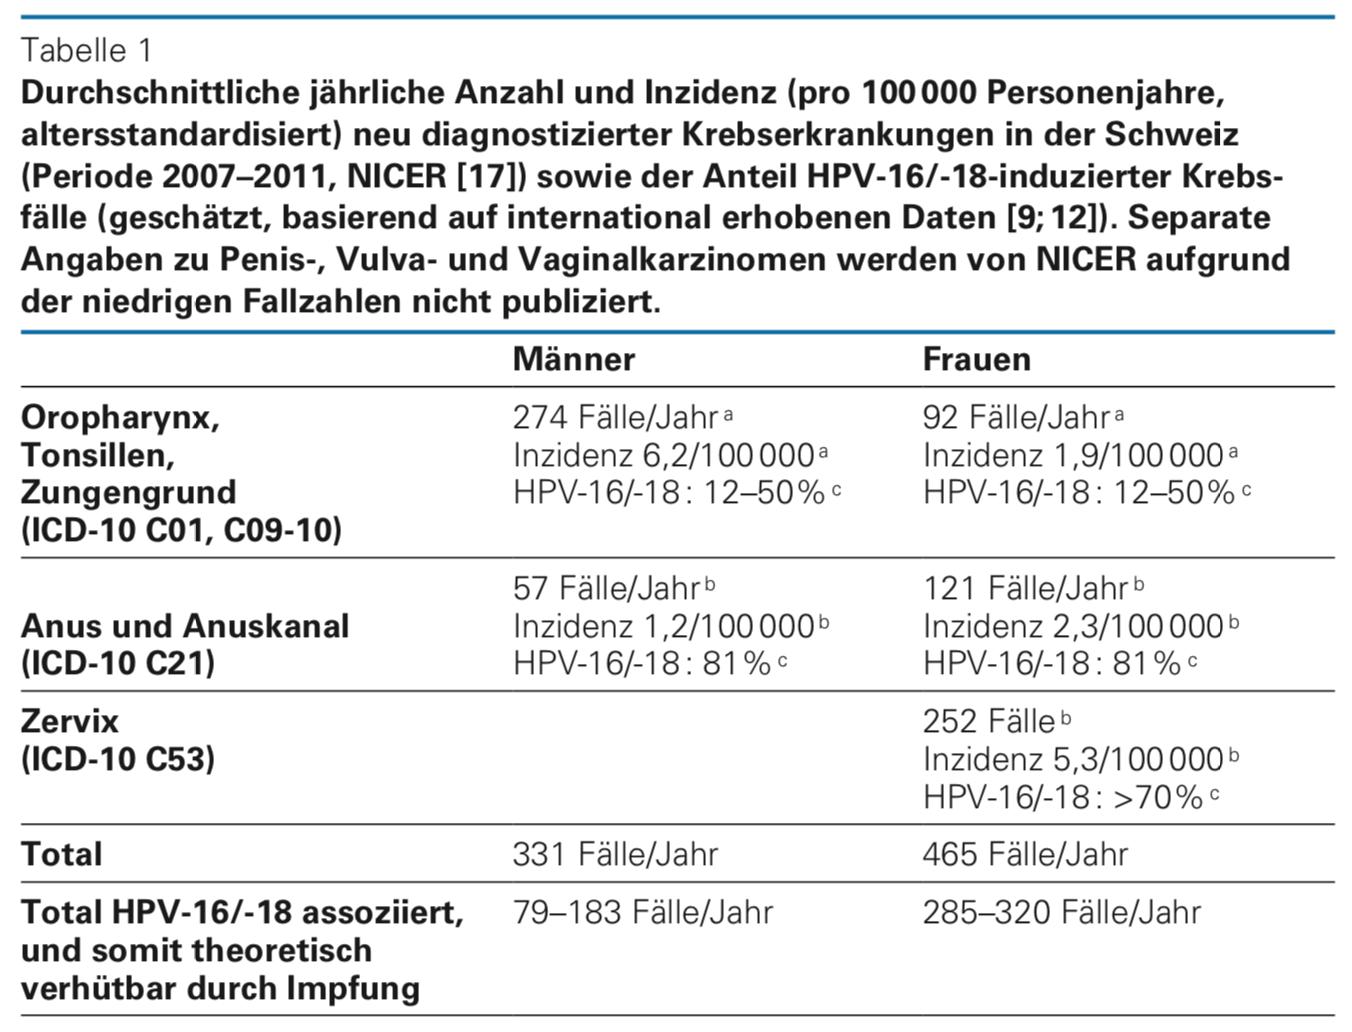 gardasil impfung nebenwirkungen